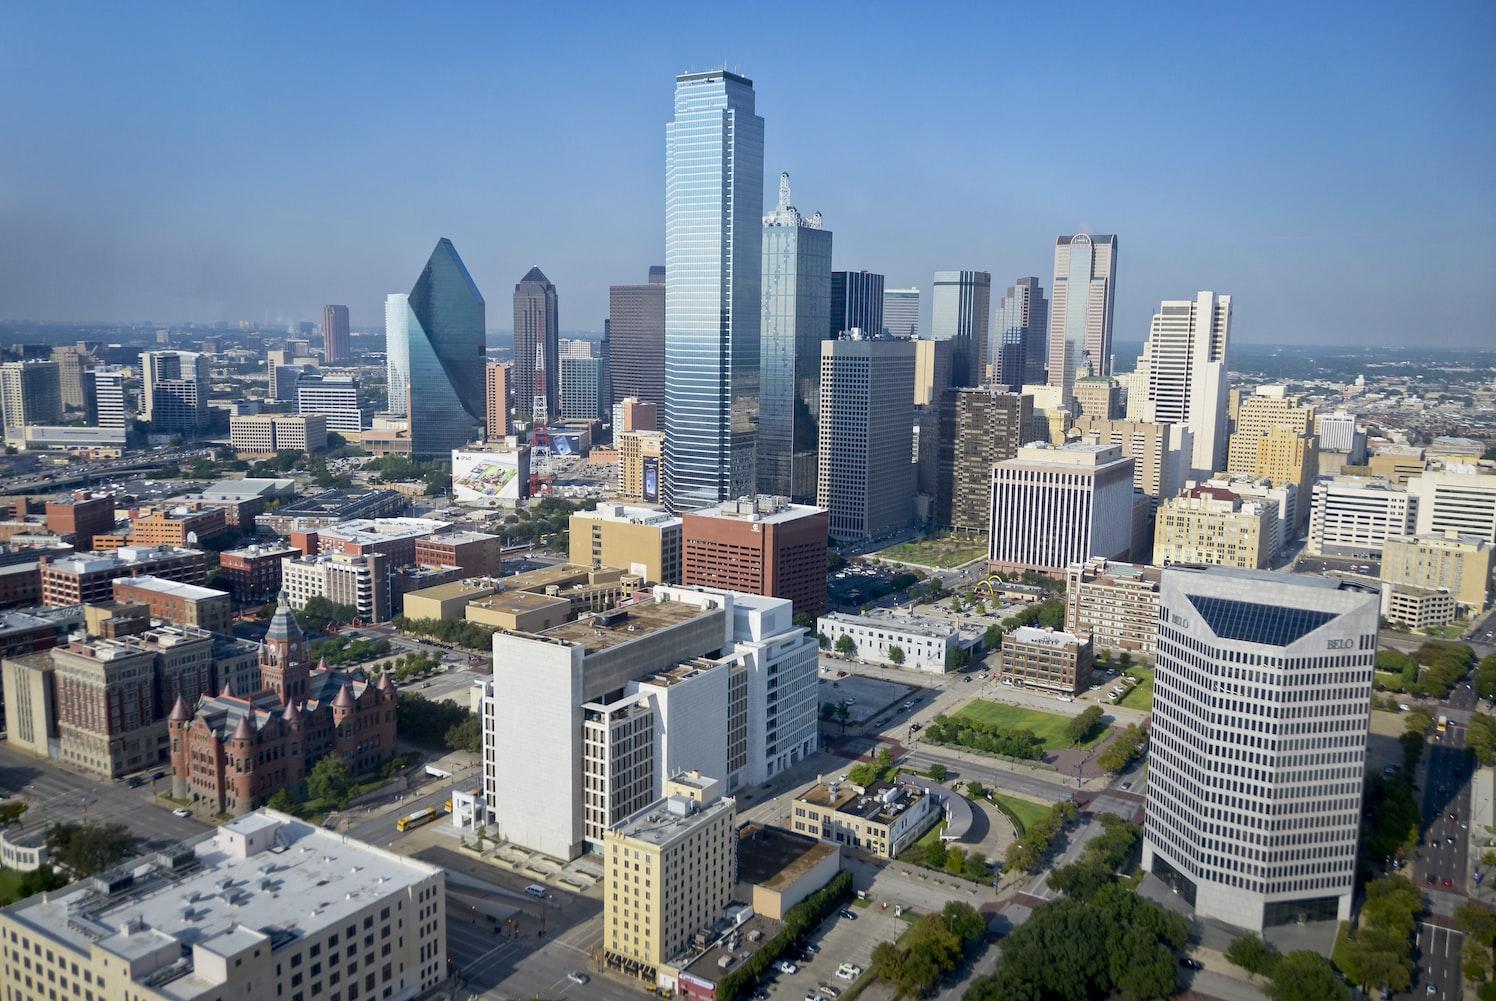 Top 90+ Tech Companies In Dallas In 2021